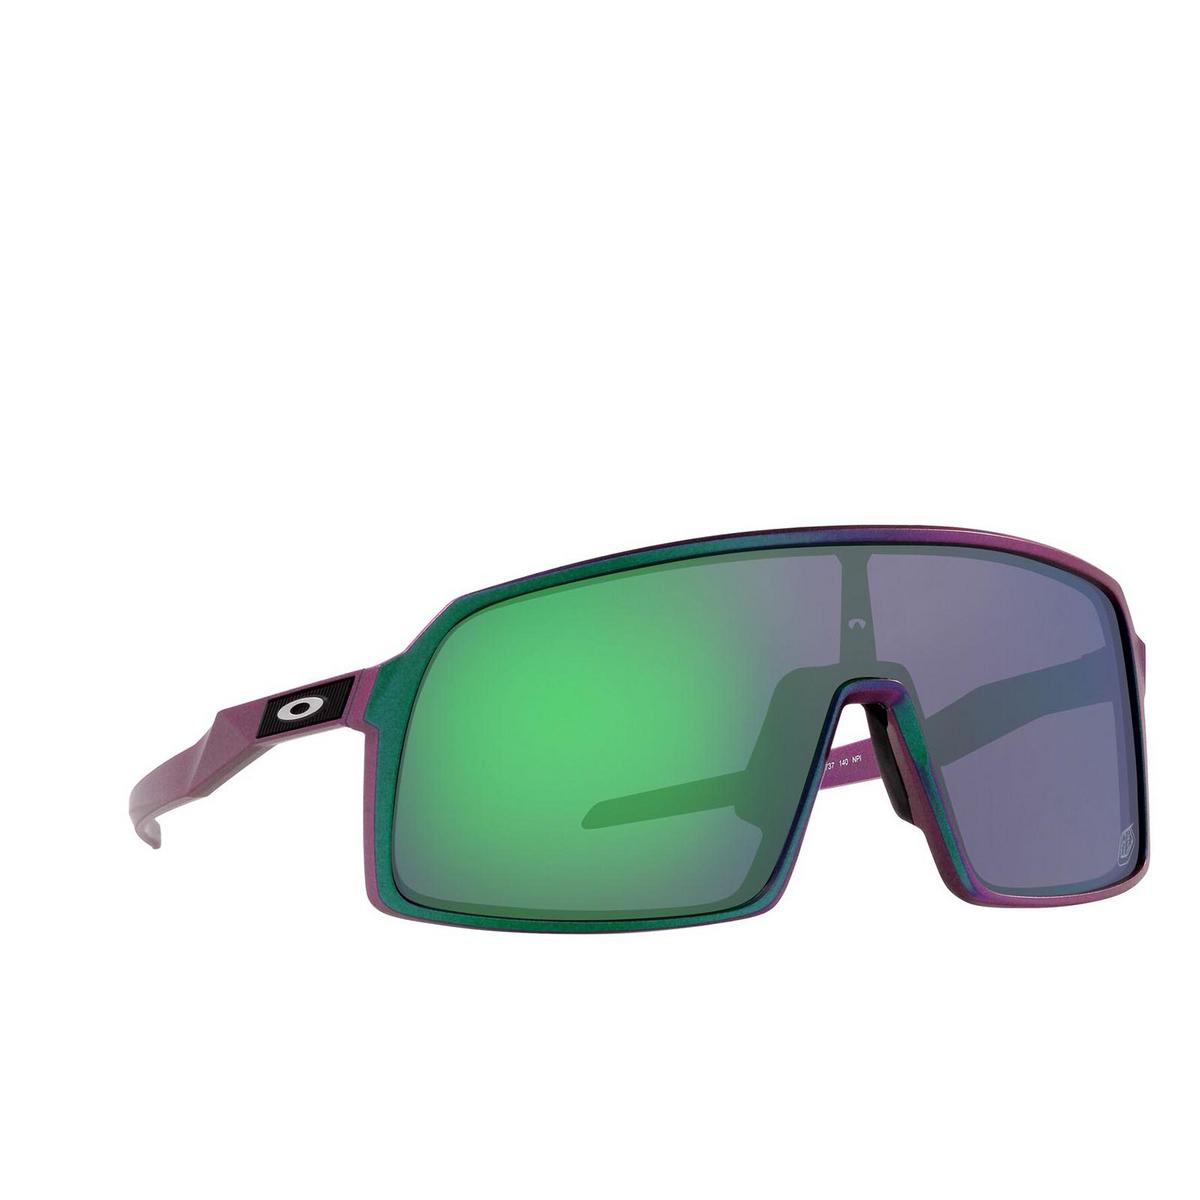 Oakley® Rectangle Sunglasses: Sutro OO9406 color Tld Matte Purple Green Shift 940647 - three-quarters view.